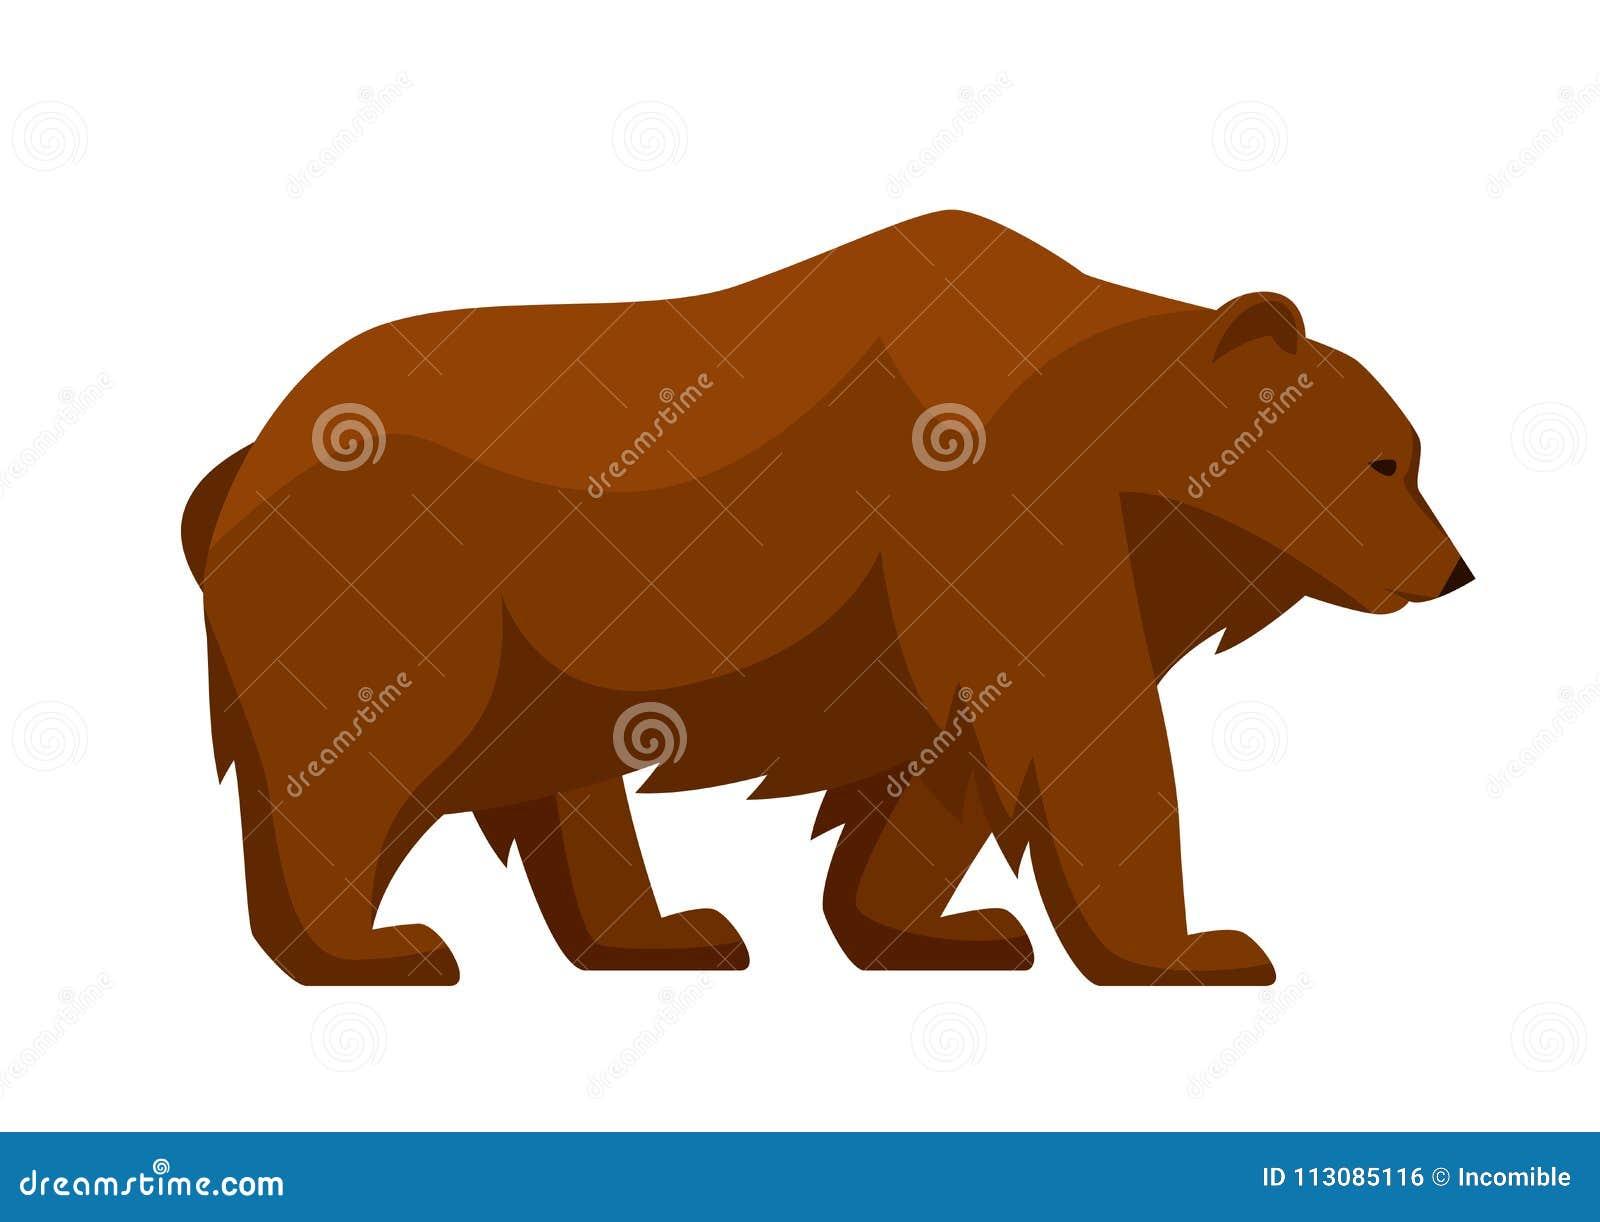 Stilisierte Illustration des Bären Waldwaldtier auf weißem Hintergrund